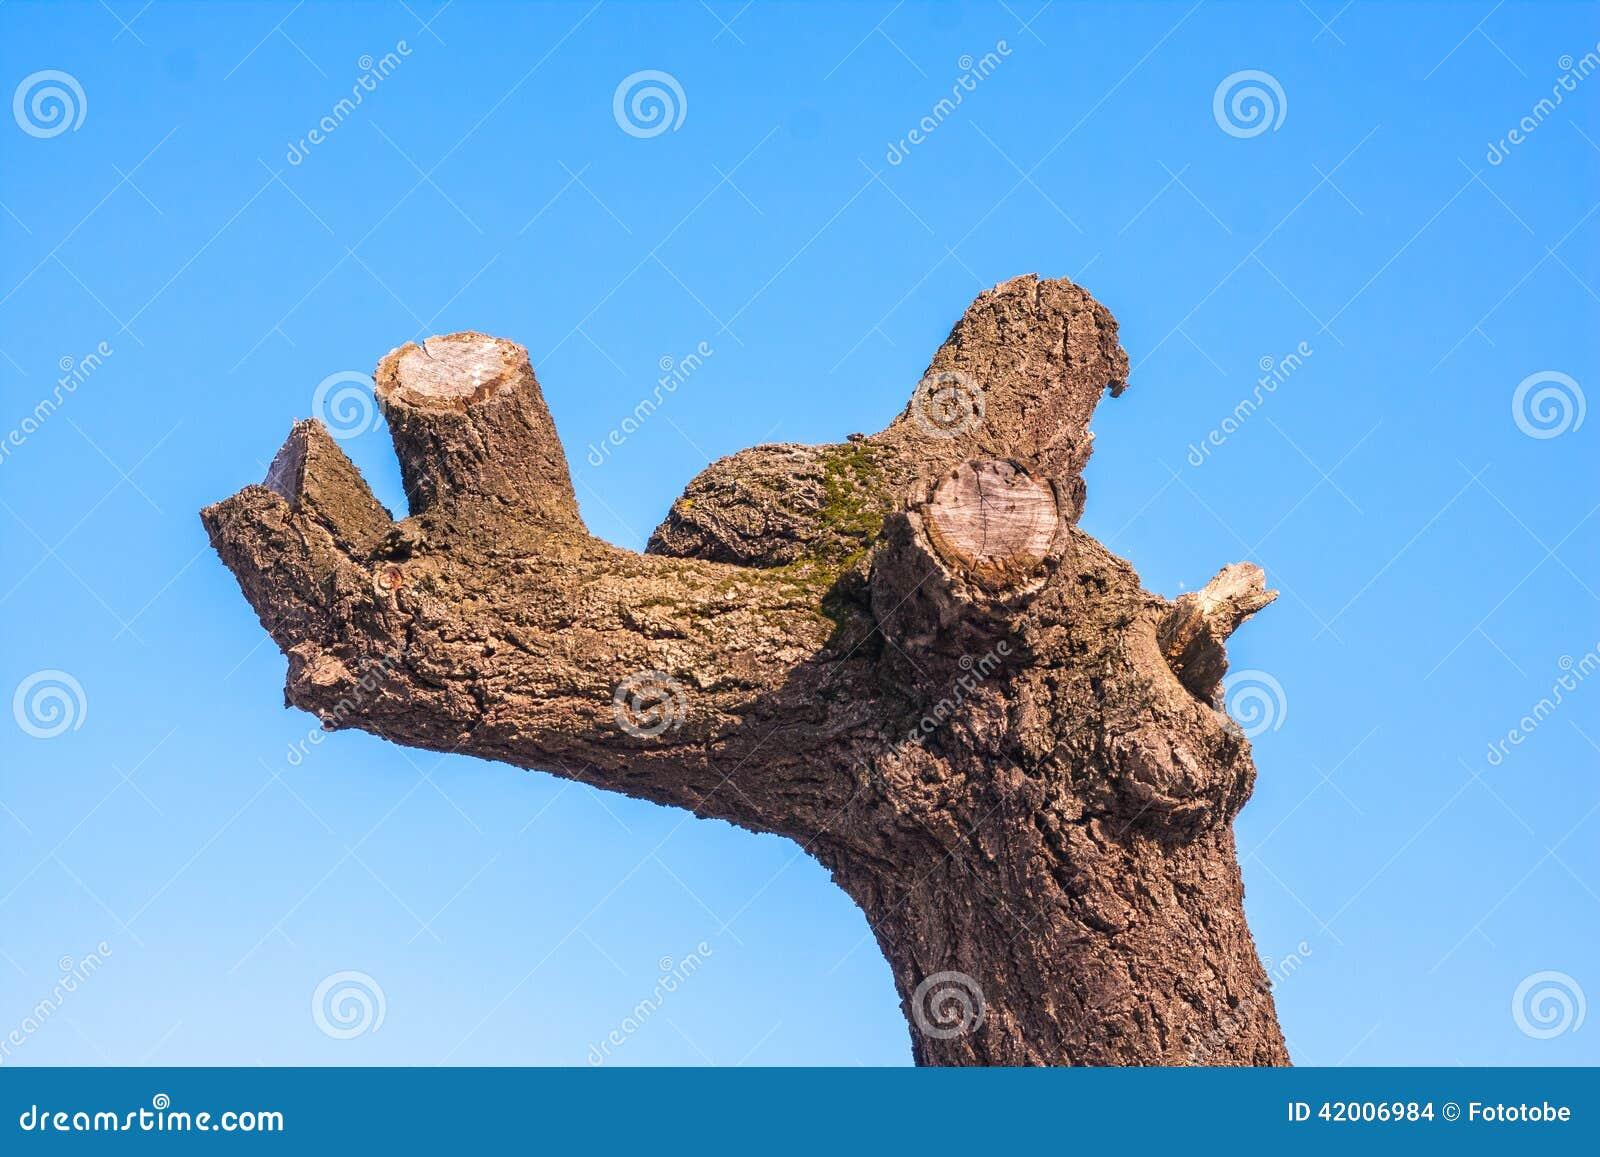 Árbol viejo con las ramas arregladas en el cielo azul